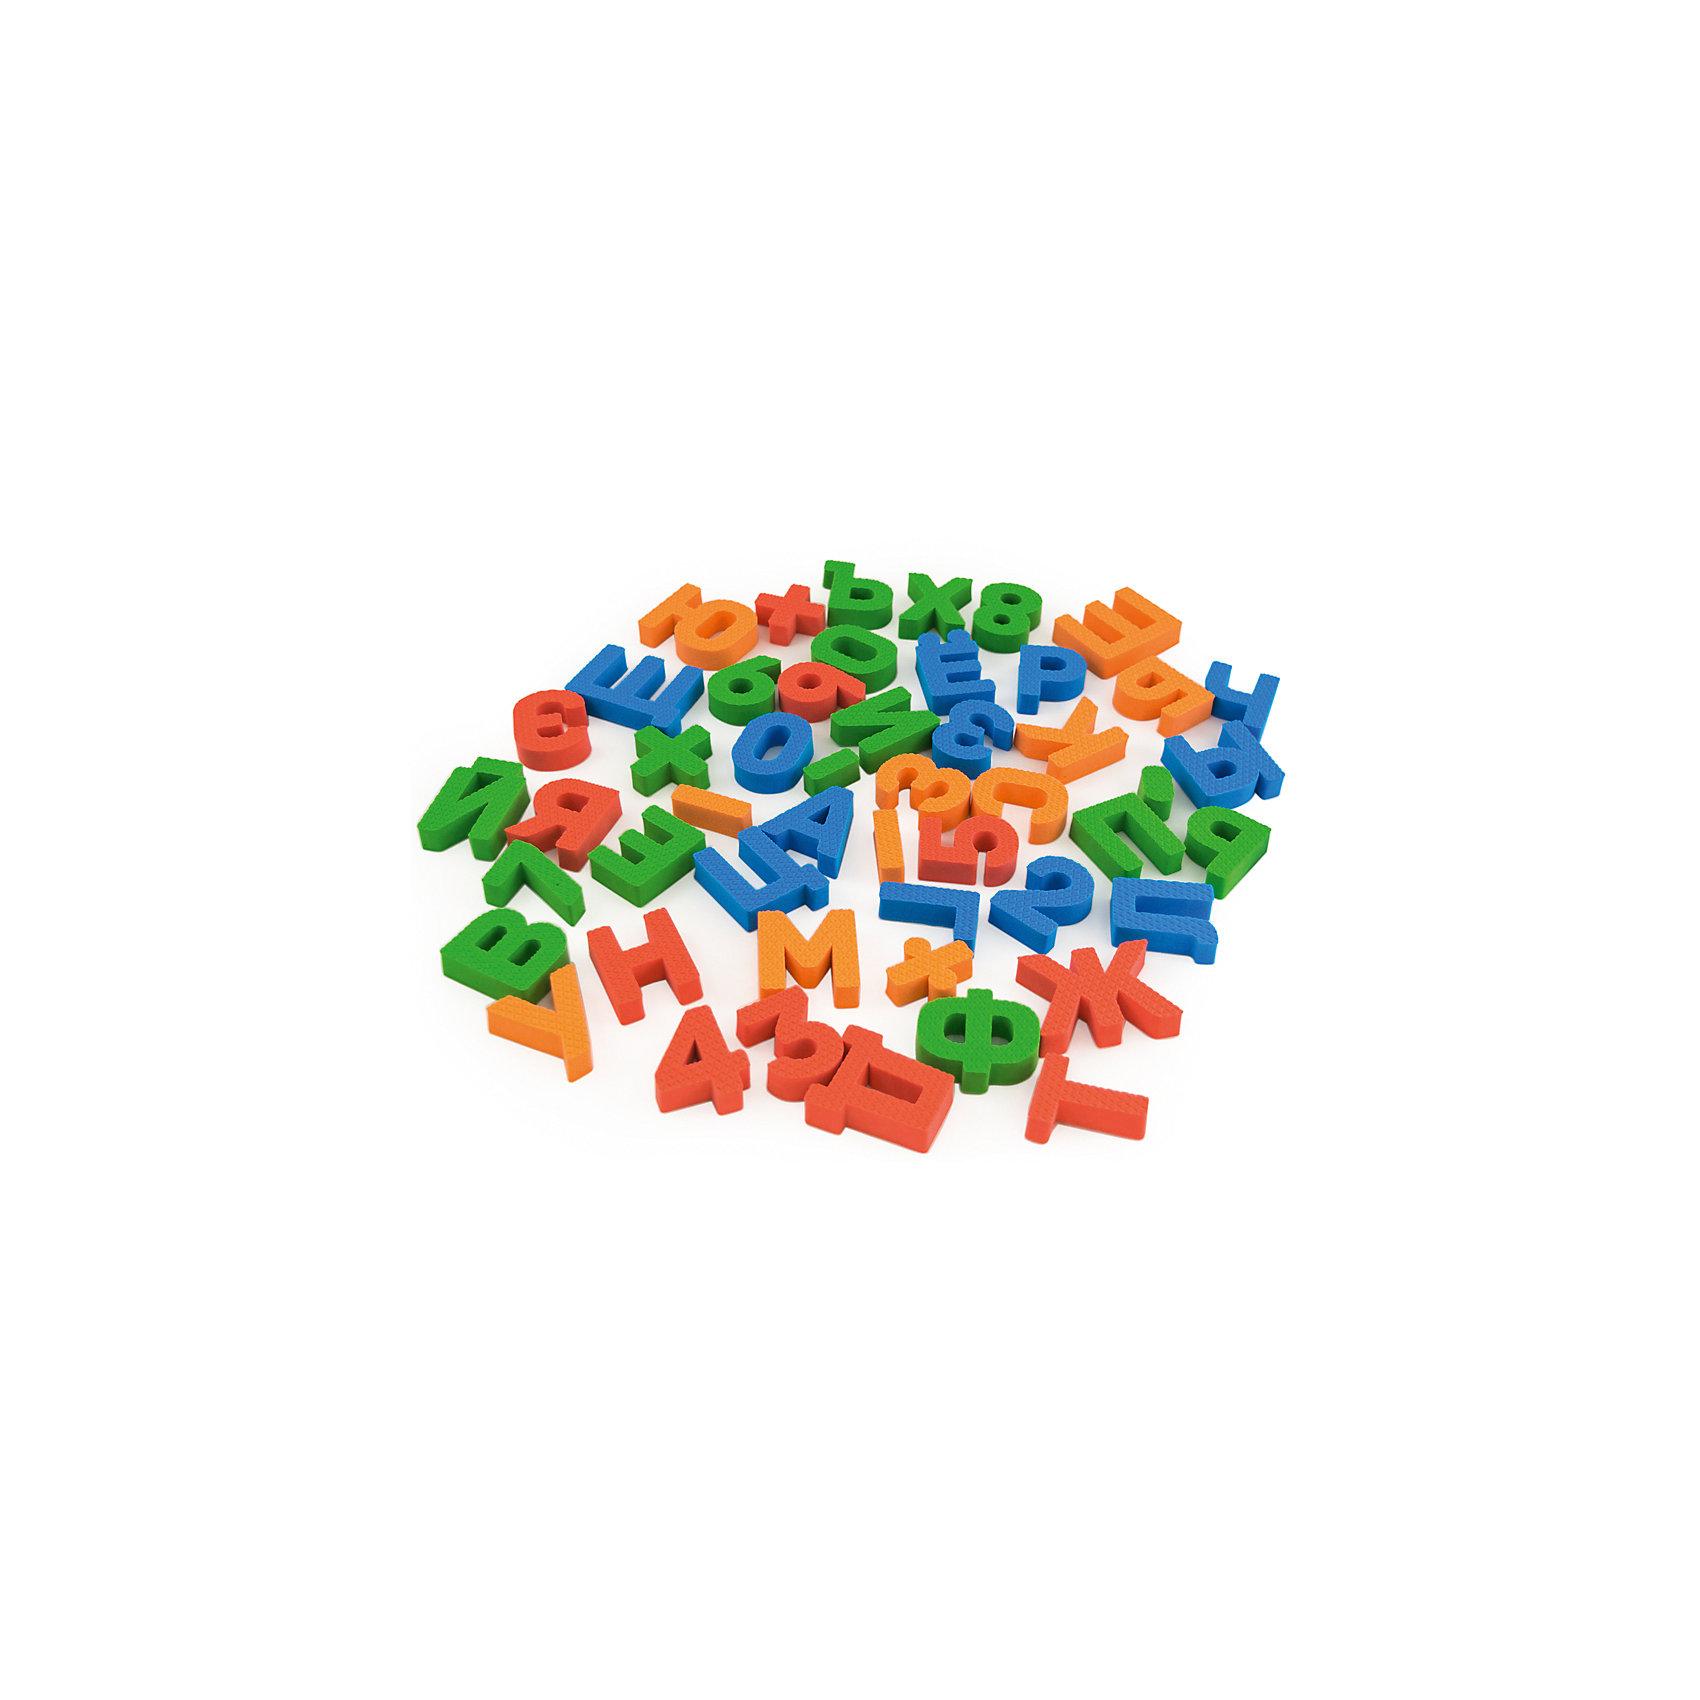 Набор Буквы-цифры, PicnMixИгрушки для ванной<br>Буквы-цифры от PicnMix - это игрушка, которая поможет вам обучать ребенка даже во время купания. Все детали легко держатся на воде, кафеле и других гладких поверхностях. В комплекте буквы и цифры четырех цветов: красный, оранжевый, зеленый, синий. С их помощью ребенок без труда научится считать и, возможно, даже складывать слоги. Отлично развивает мелкую моторику и память. С игрой Буквы-цифры купаться будет очень весело и интересно!<br><br>Дополнительная информация:<br>Материал: ЭВА<br>Количество элементов: 48<br>Размер упаковки: 15х15х25 см<br>Вес: 100 грамм<br><br>Набор Буквы-цифры от PicnMix можно приобрести в нашем интернет-магазине.<br><br>Ширина мм: 150<br>Глубина мм: 250<br>Высота мм: 150<br>Вес г: 100<br>Возраст от месяцев: 36<br>Возраст до месяцев: 60<br>Пол: Унисекс<br>Возраст: Детский<br>SKU: 5008803